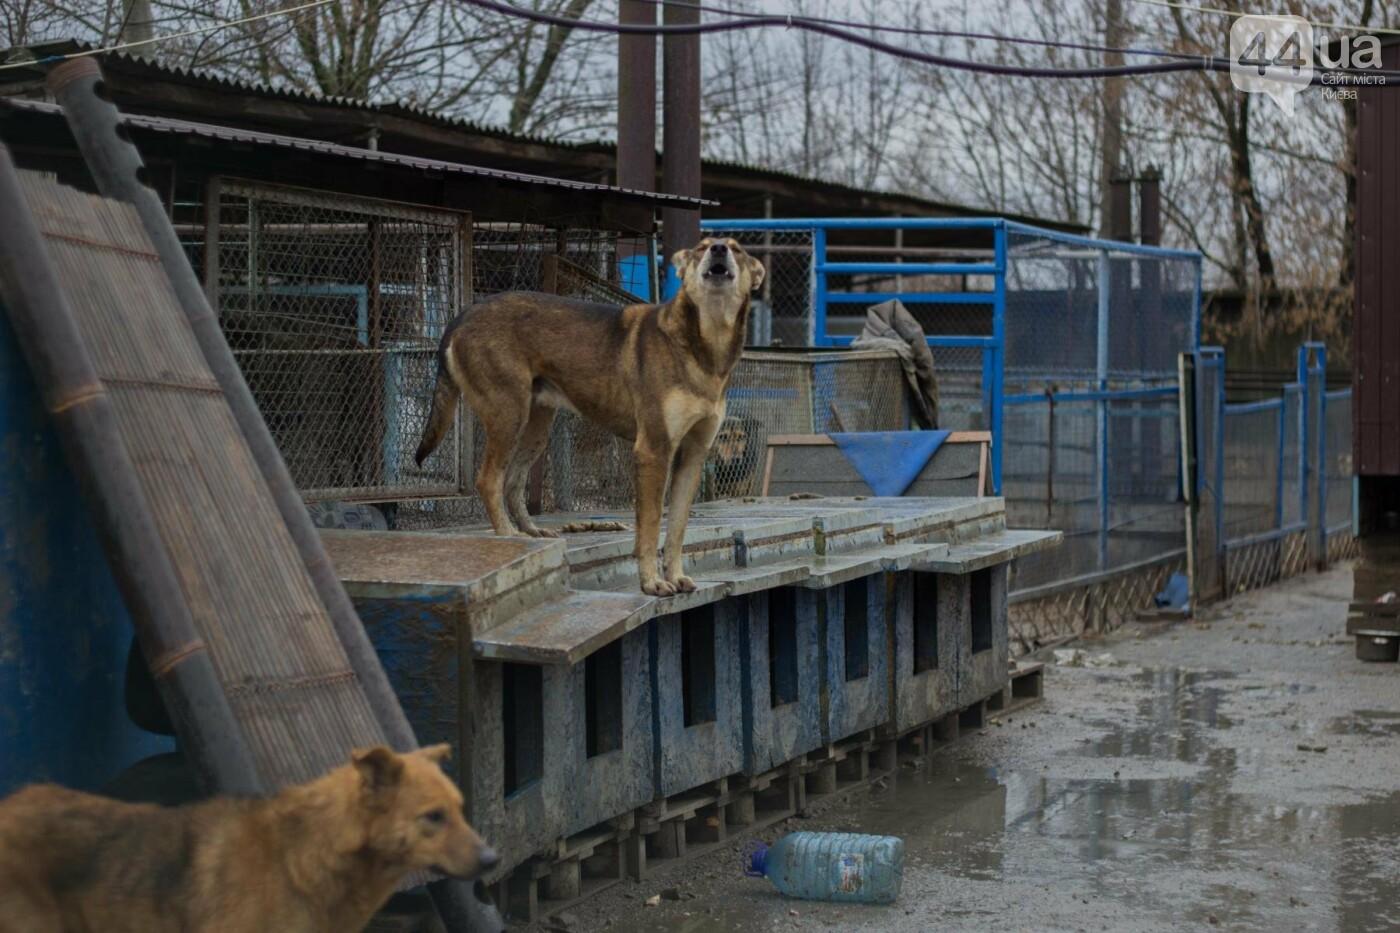 В приюте для животных неизвестные расстреливают и калечат собак, фото-18